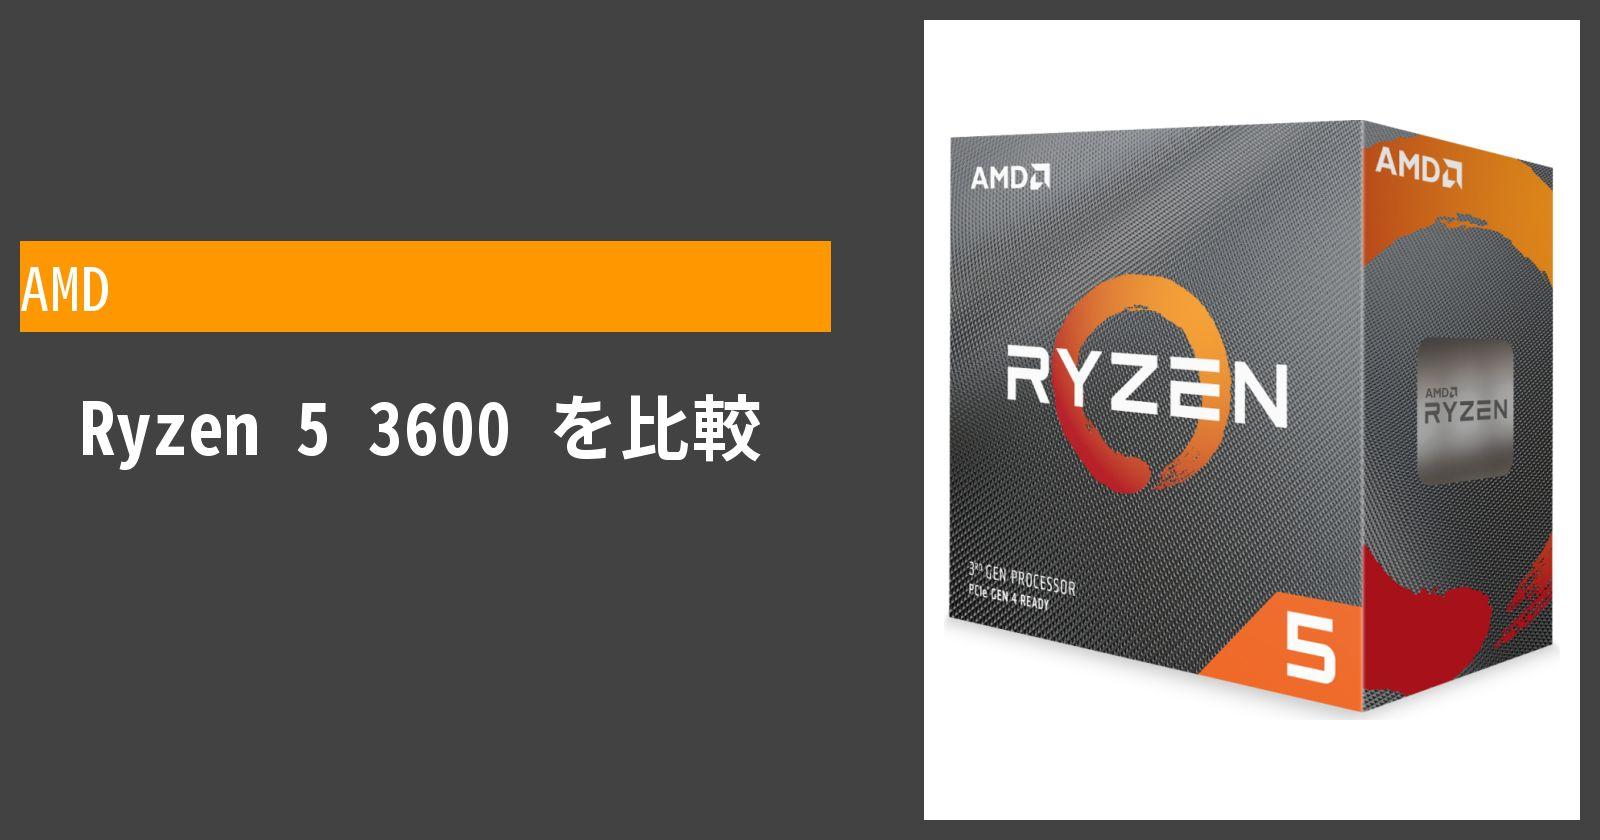 Ryzen 5 3600を徹底評価